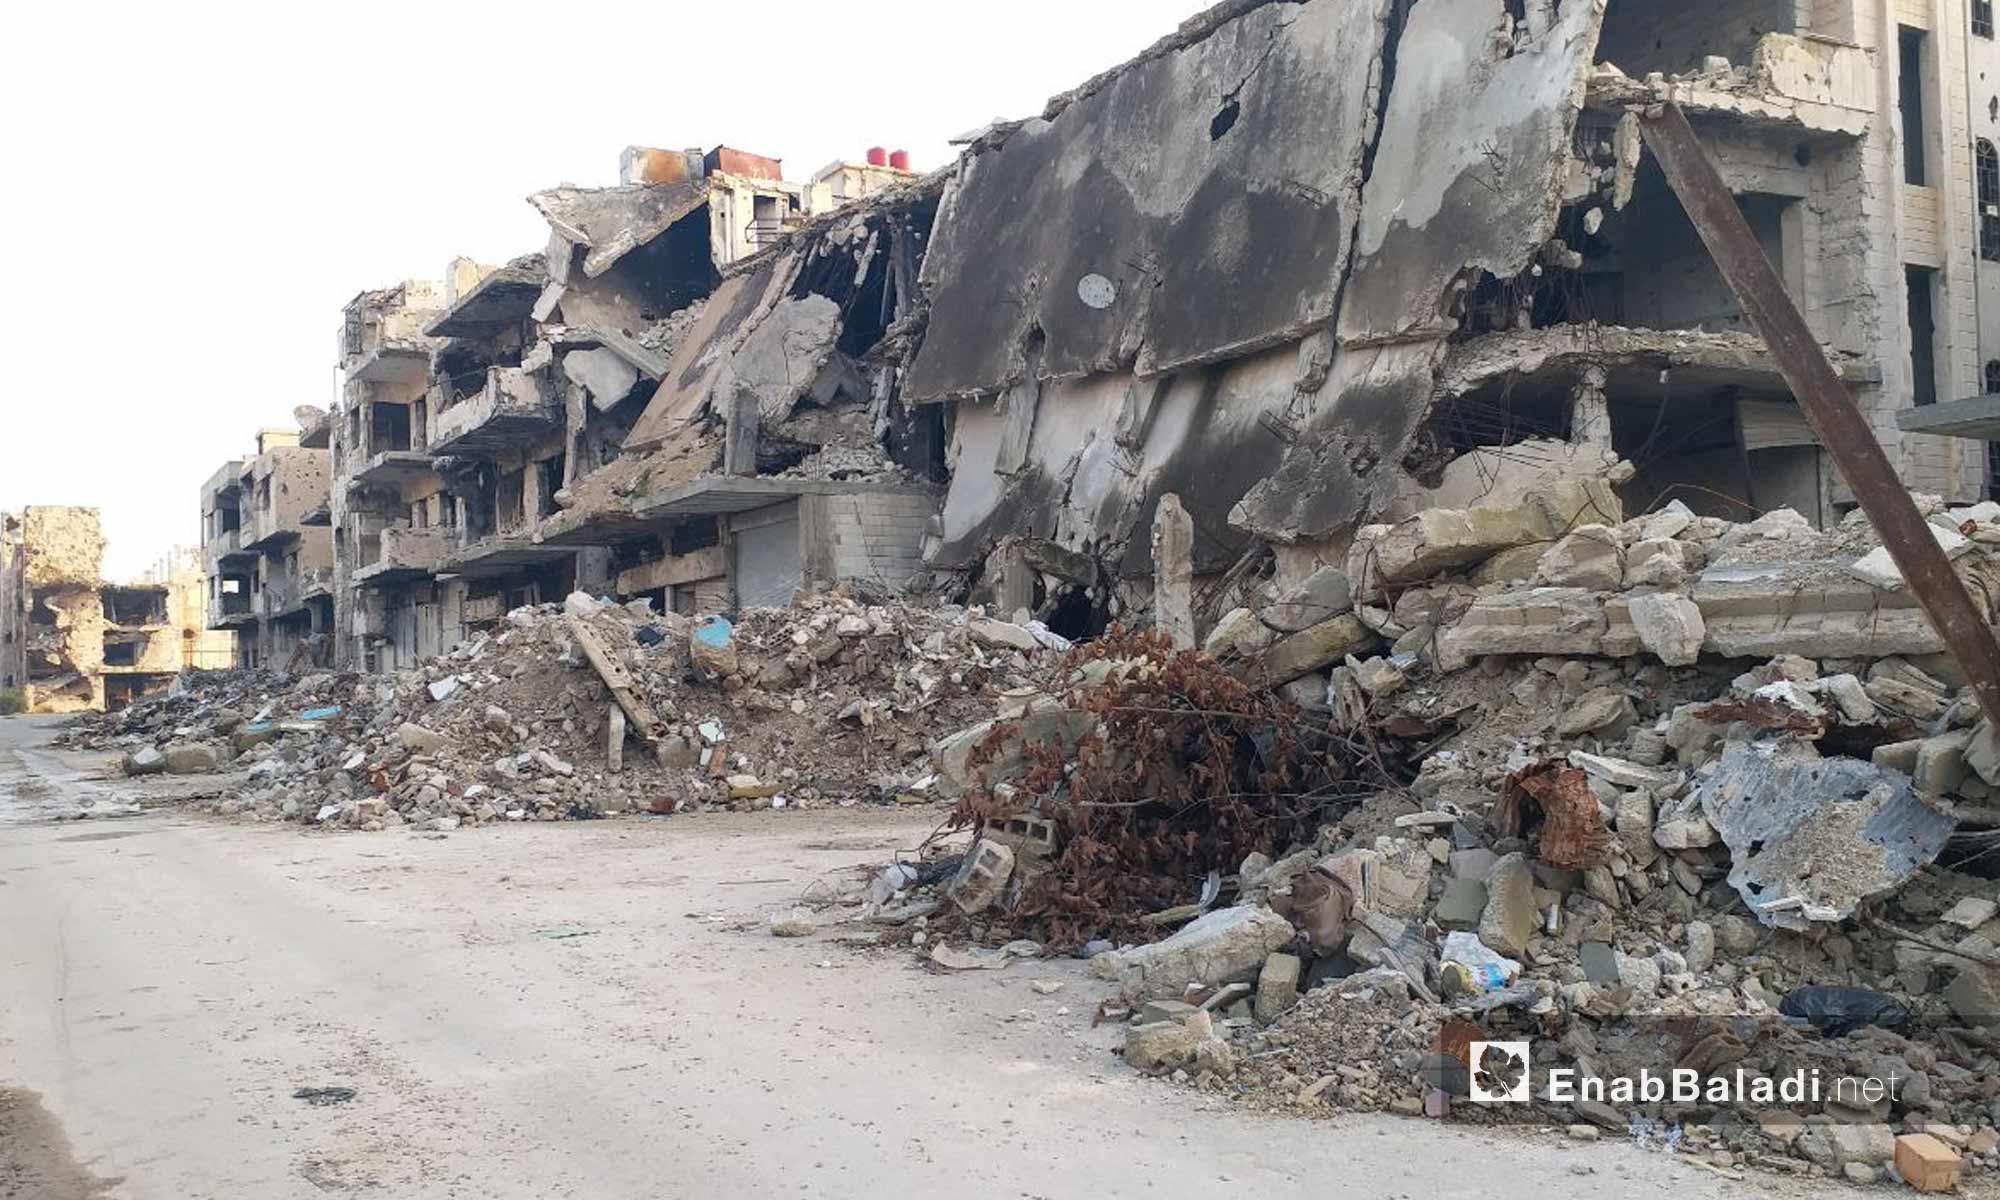 أبنية مهدمة في حي القصور في مدينة حمص - 24 من كانون الثاني 2019 (عنب بلدي)